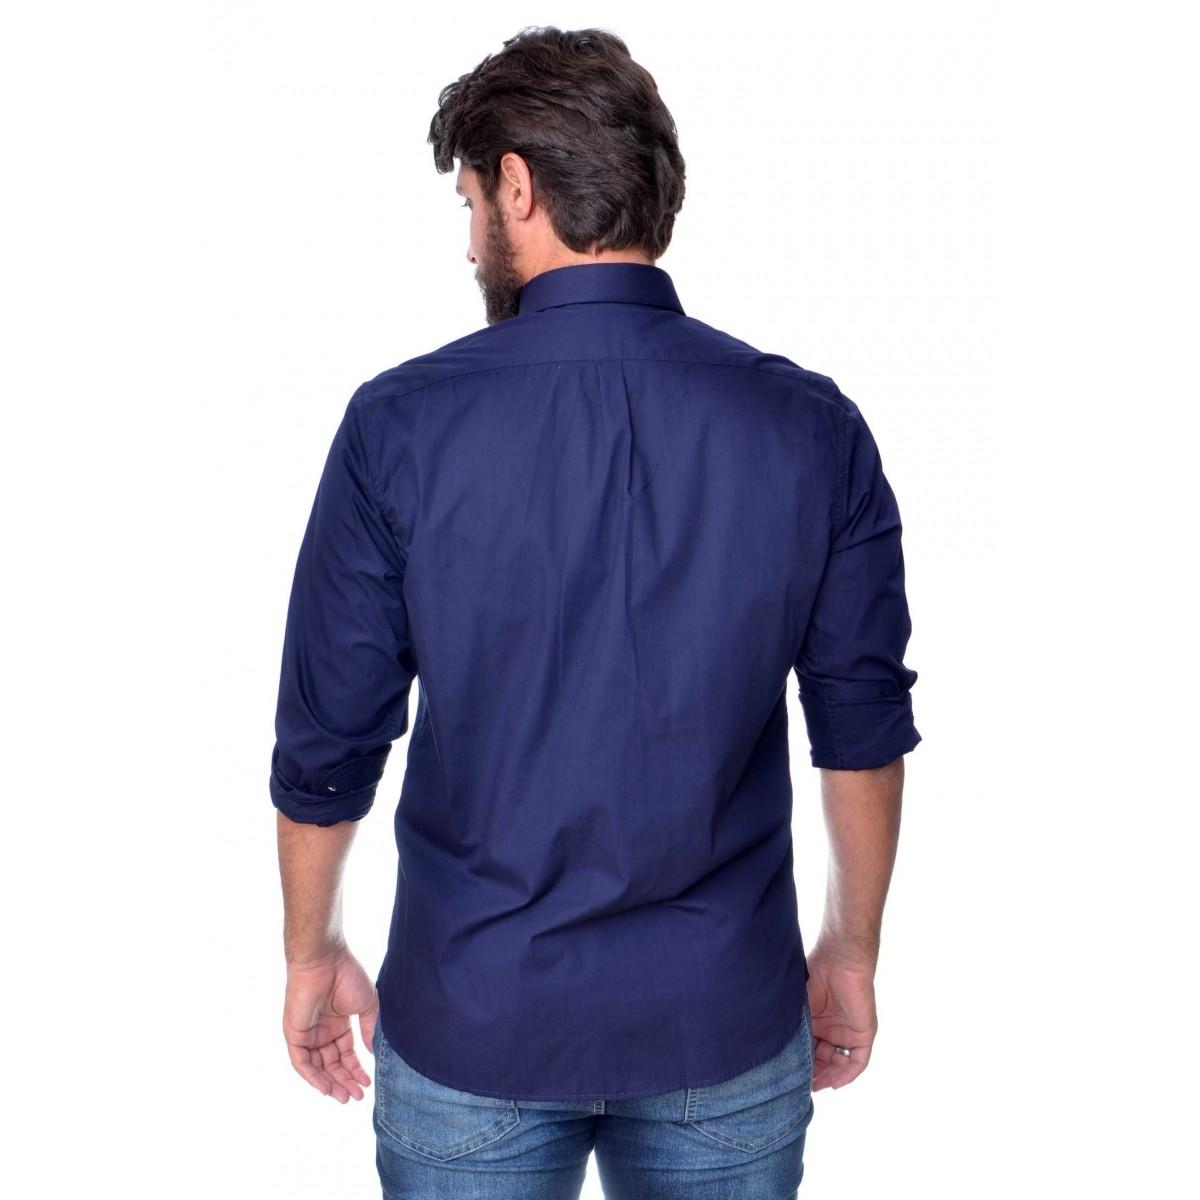 Camisa Social RL Marinho 1 - Regular Fit  - Ca Brasileira